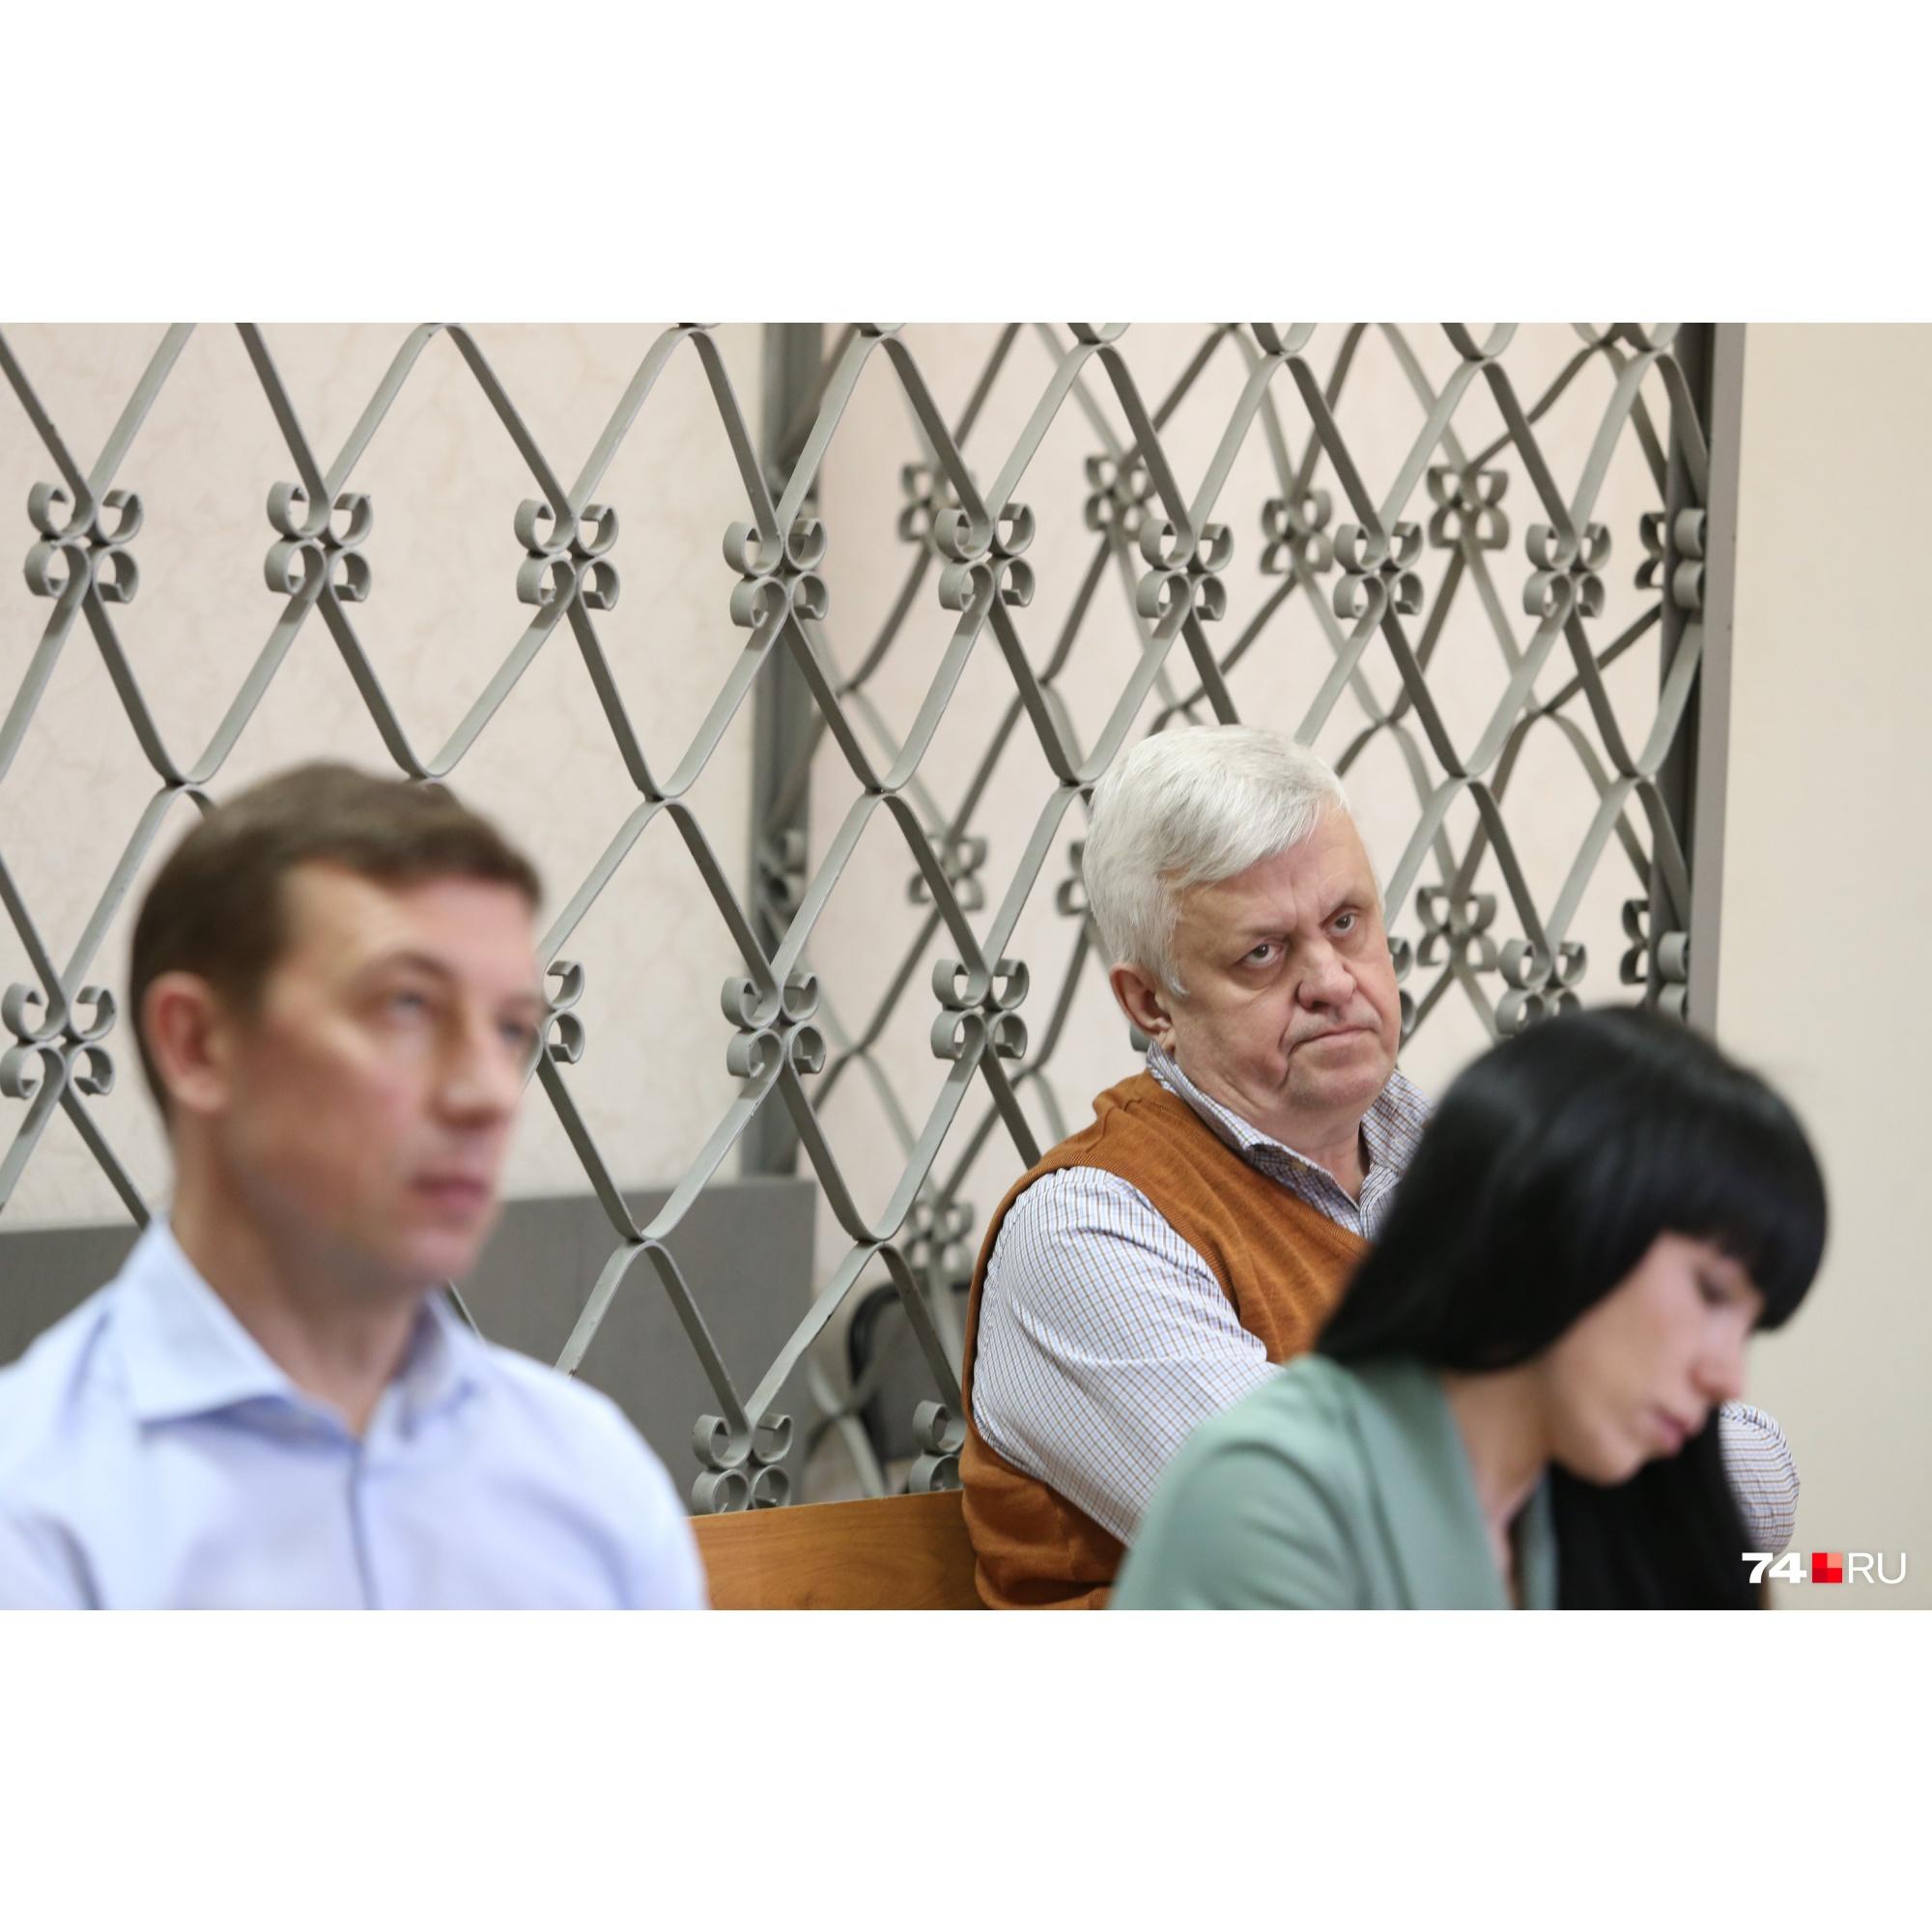 Андрей Косилов сначала слушал показания Никиты Лаврова, а затем начал их комментировать